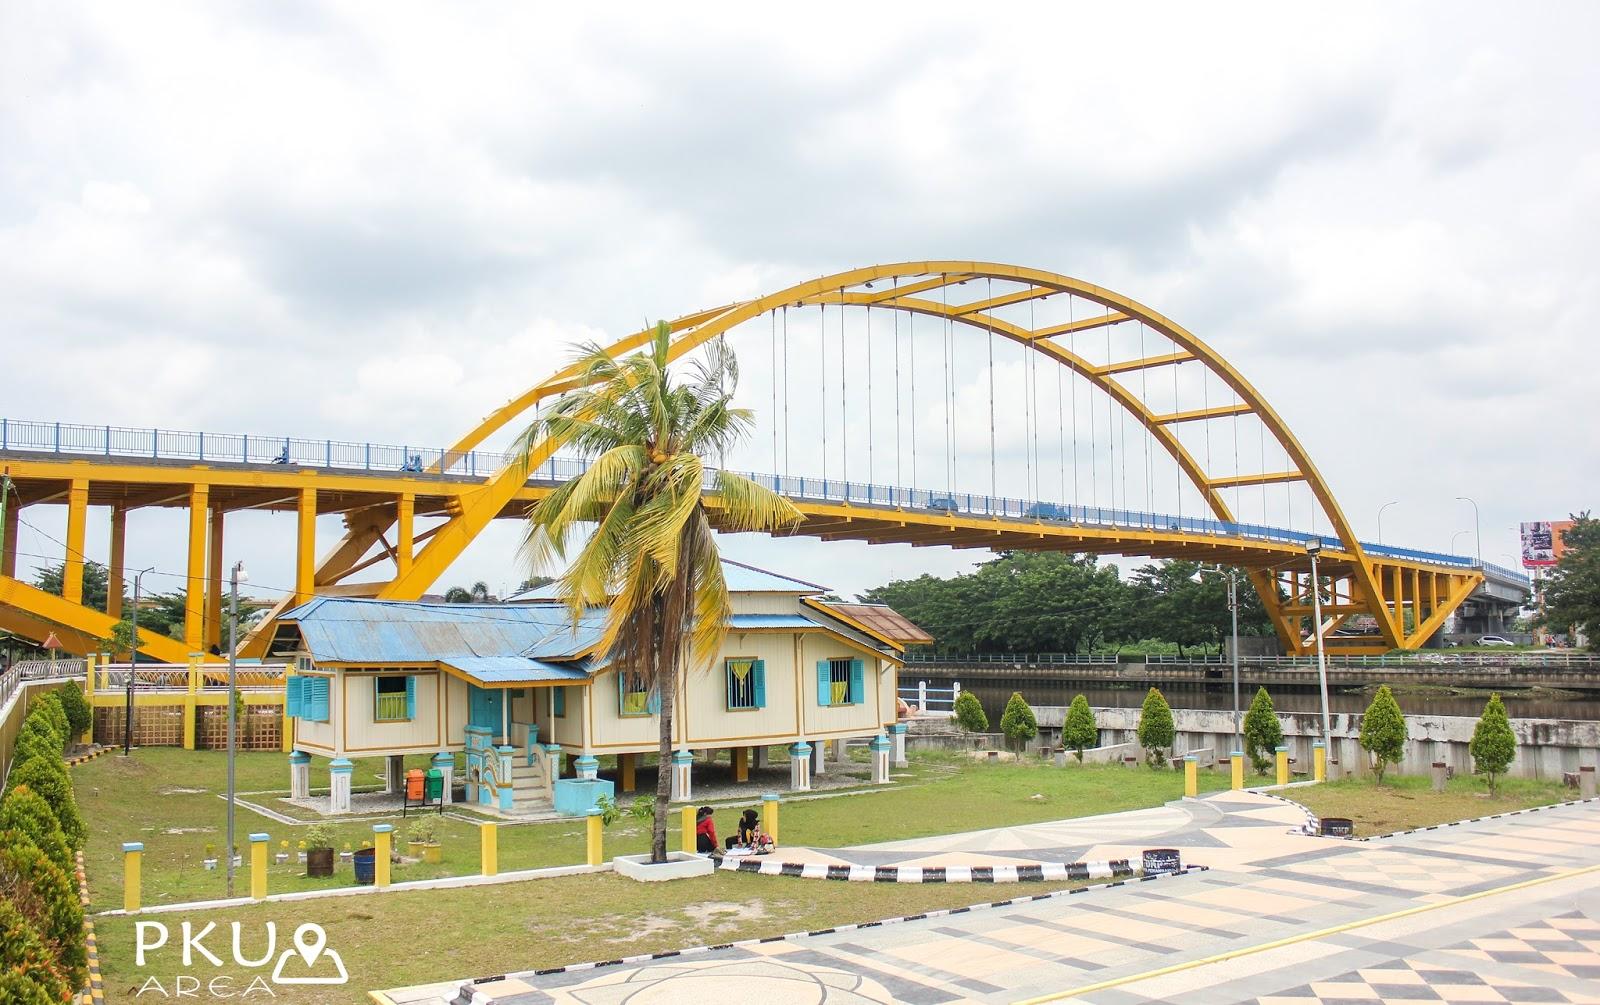 Situs Cagar Budaya Rumah Singgah Tuan Kadi Pekanbaru Area Dulunya